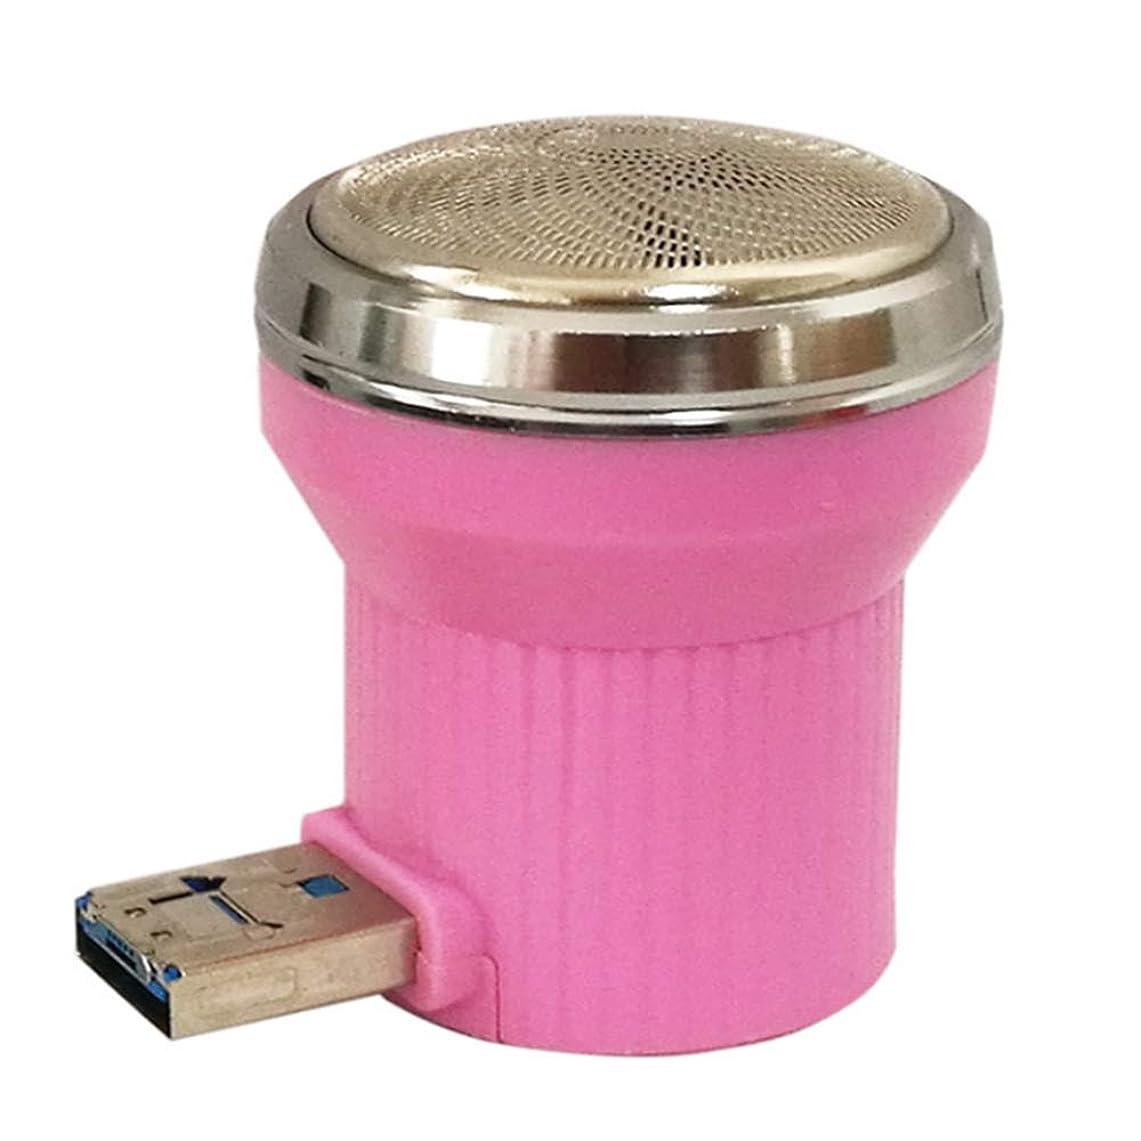 小石自分の力ですべてをする裕福な旅行用かみそり用ミニかみそりUSB携帯電話多機能ポータブル電気メンズかみそり(ピンク)